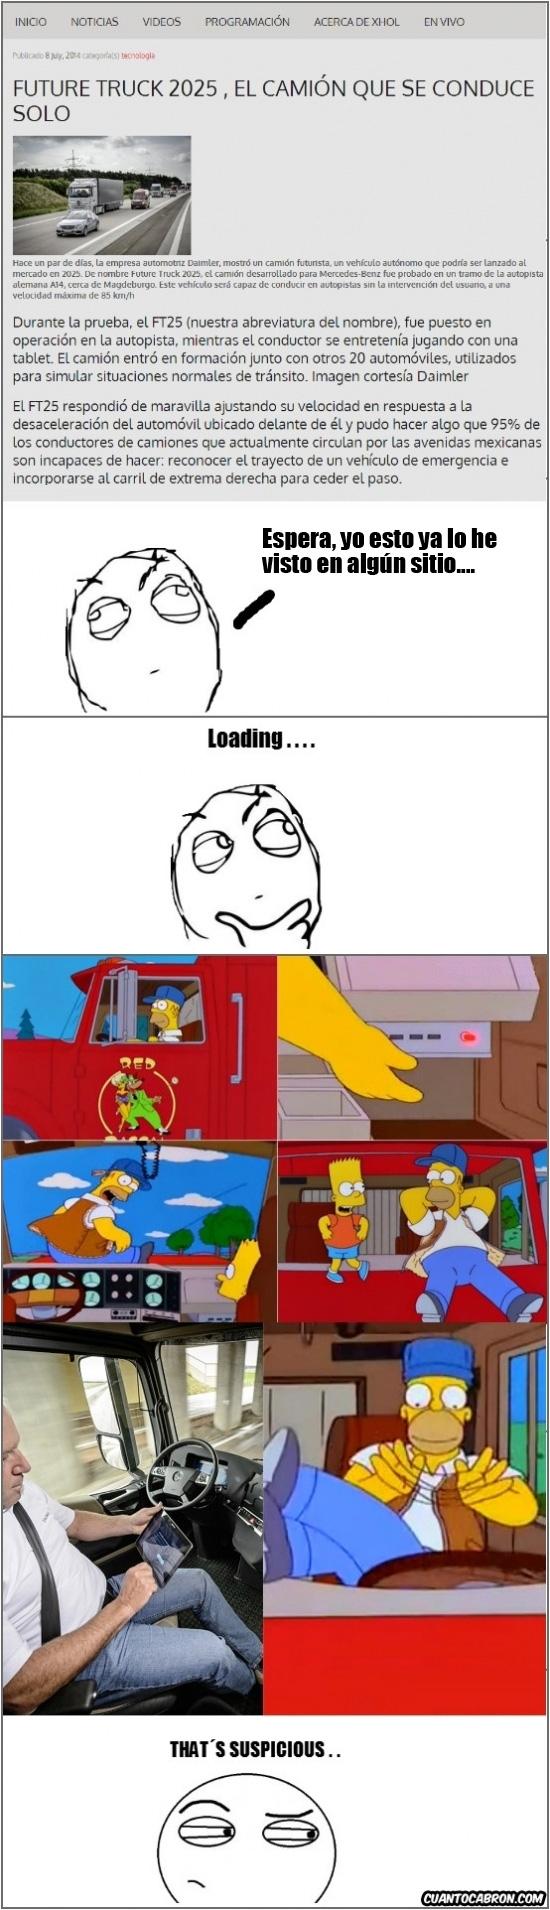 Thats_suspicious - Los Simpson siguen con sus predicciones acertadas